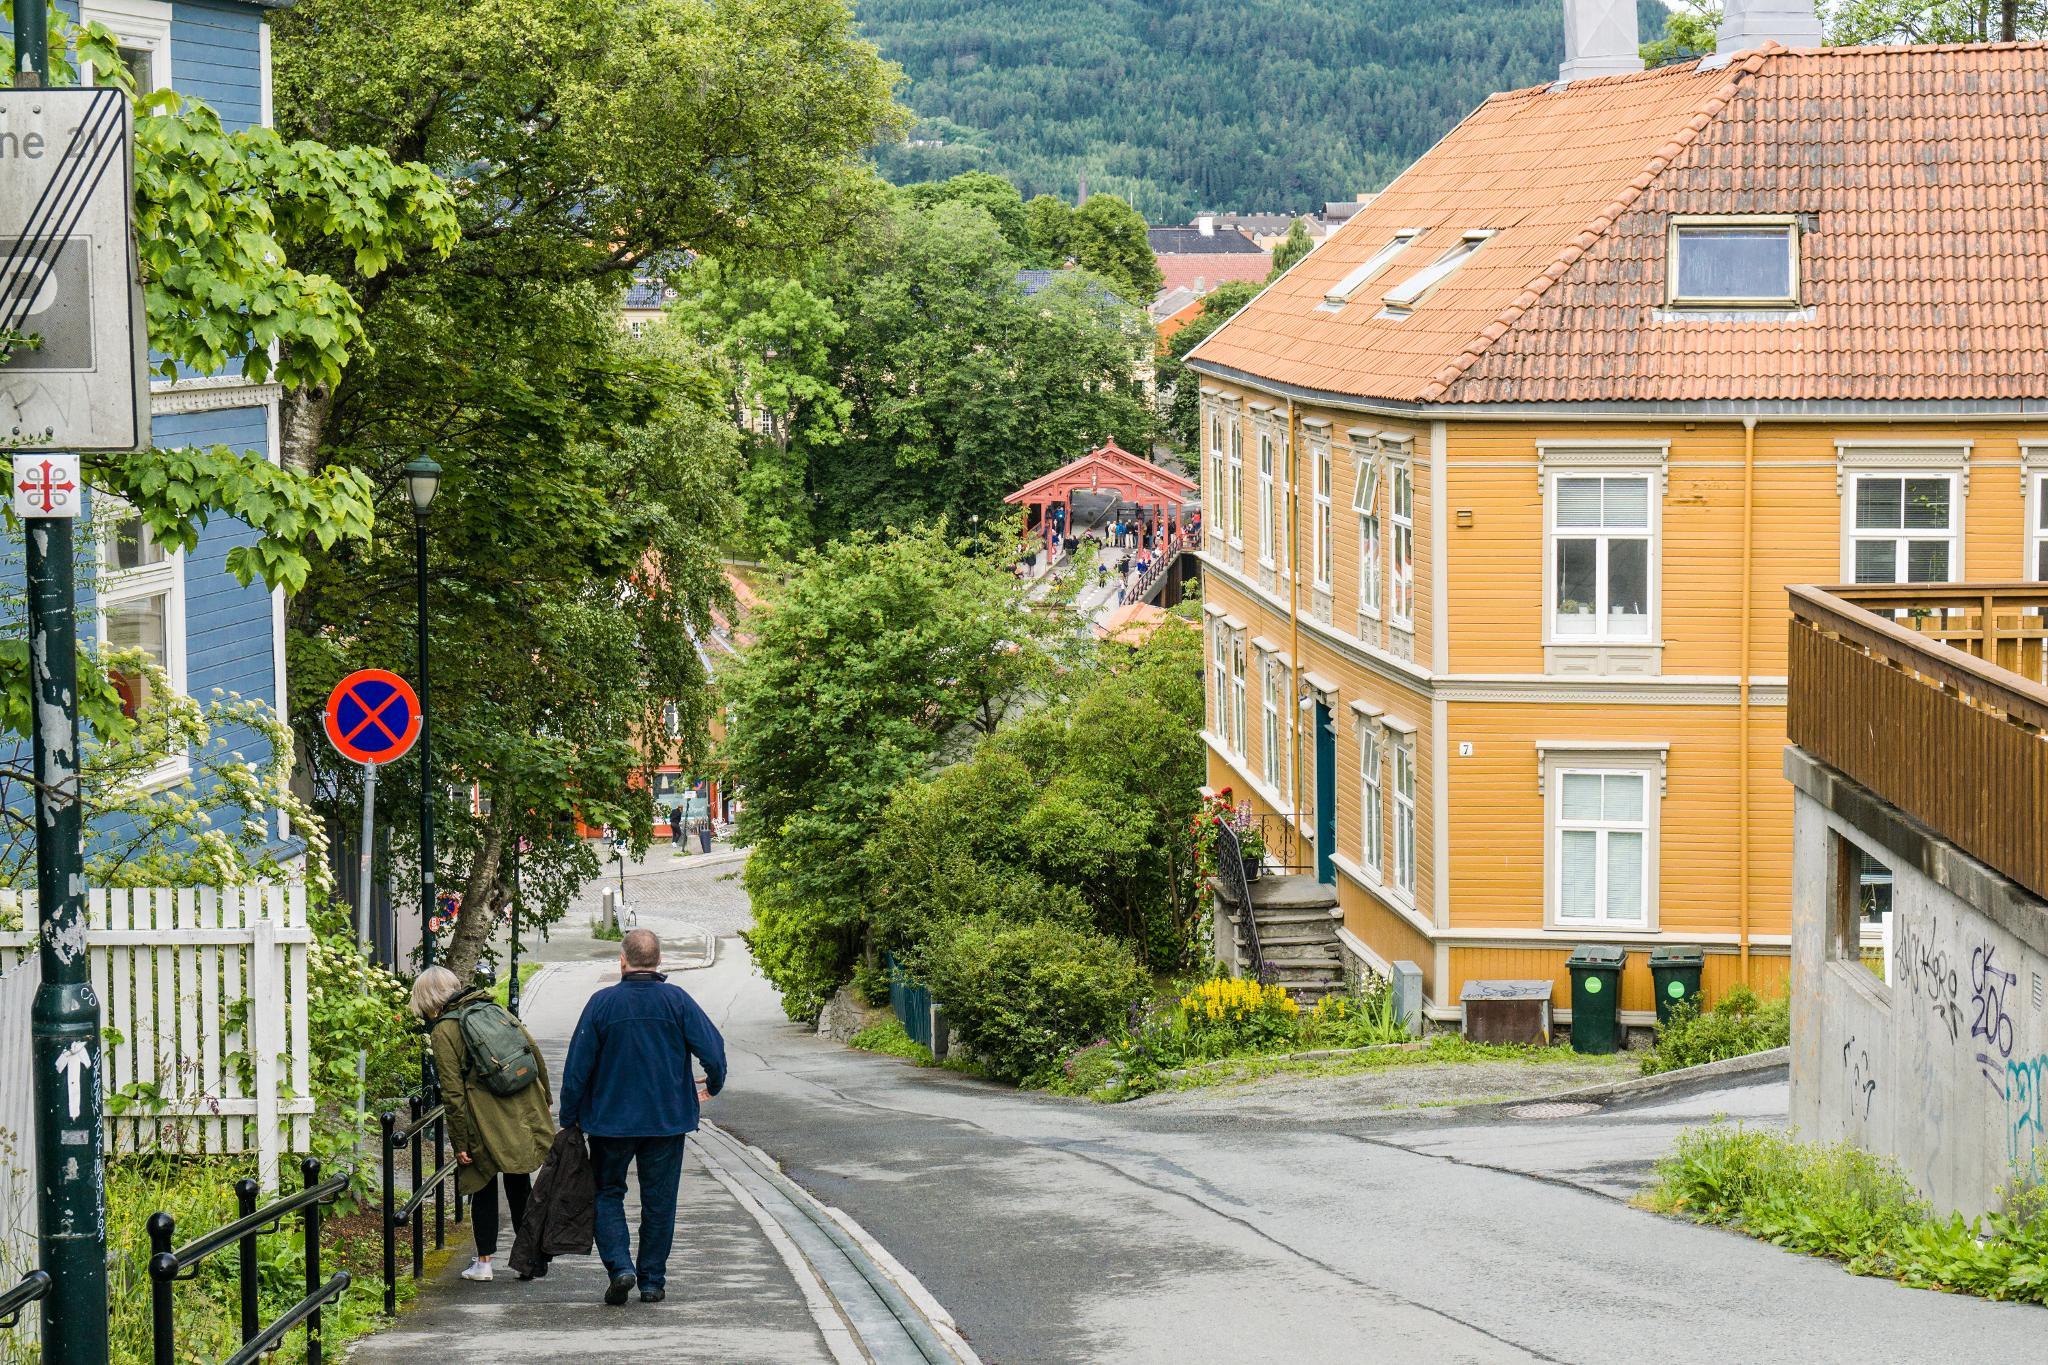 【北歐景點】拜訪維京王的千年古城 - Trondheim 特隆赫姆景點懶人包 43